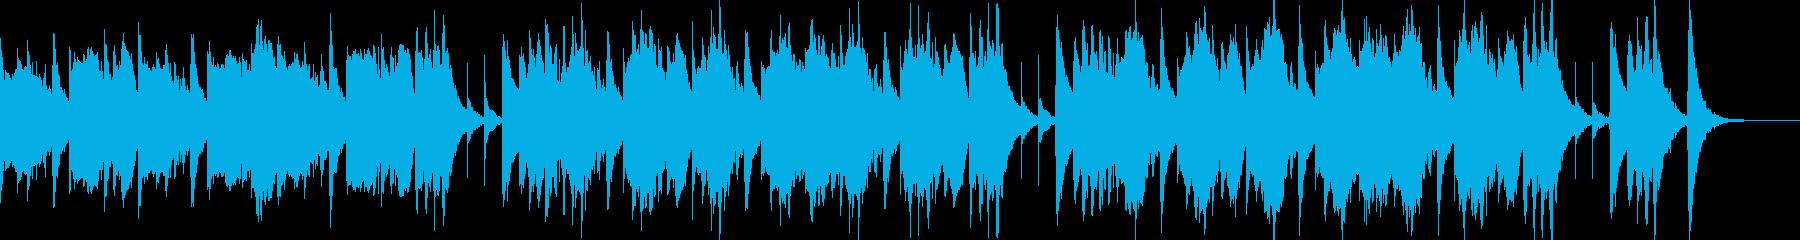 脱力感あるゆるい日常BGMの再生済みの波形